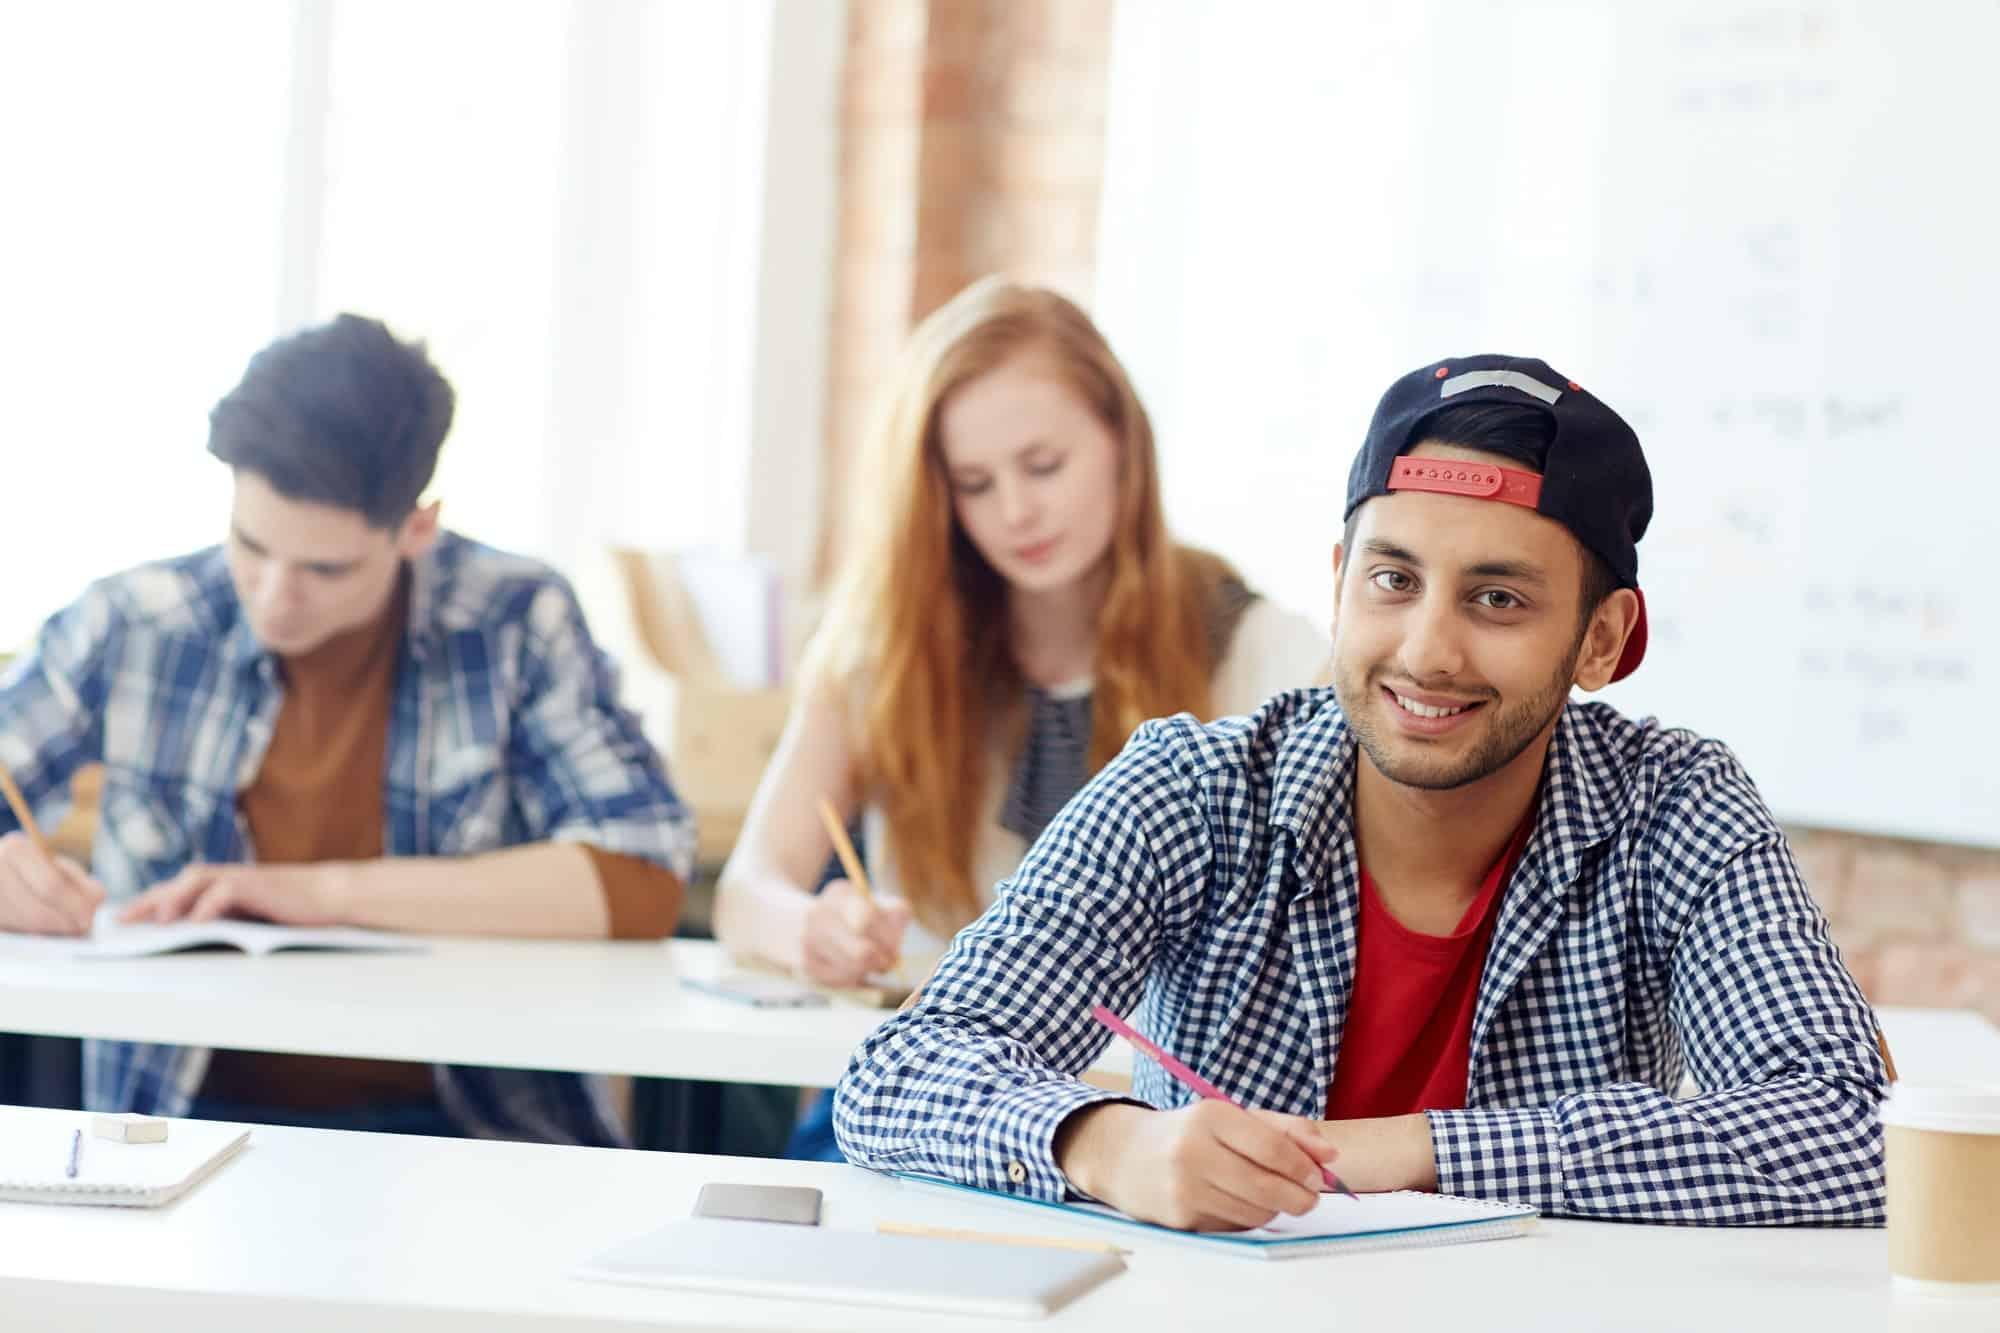 Exam in college